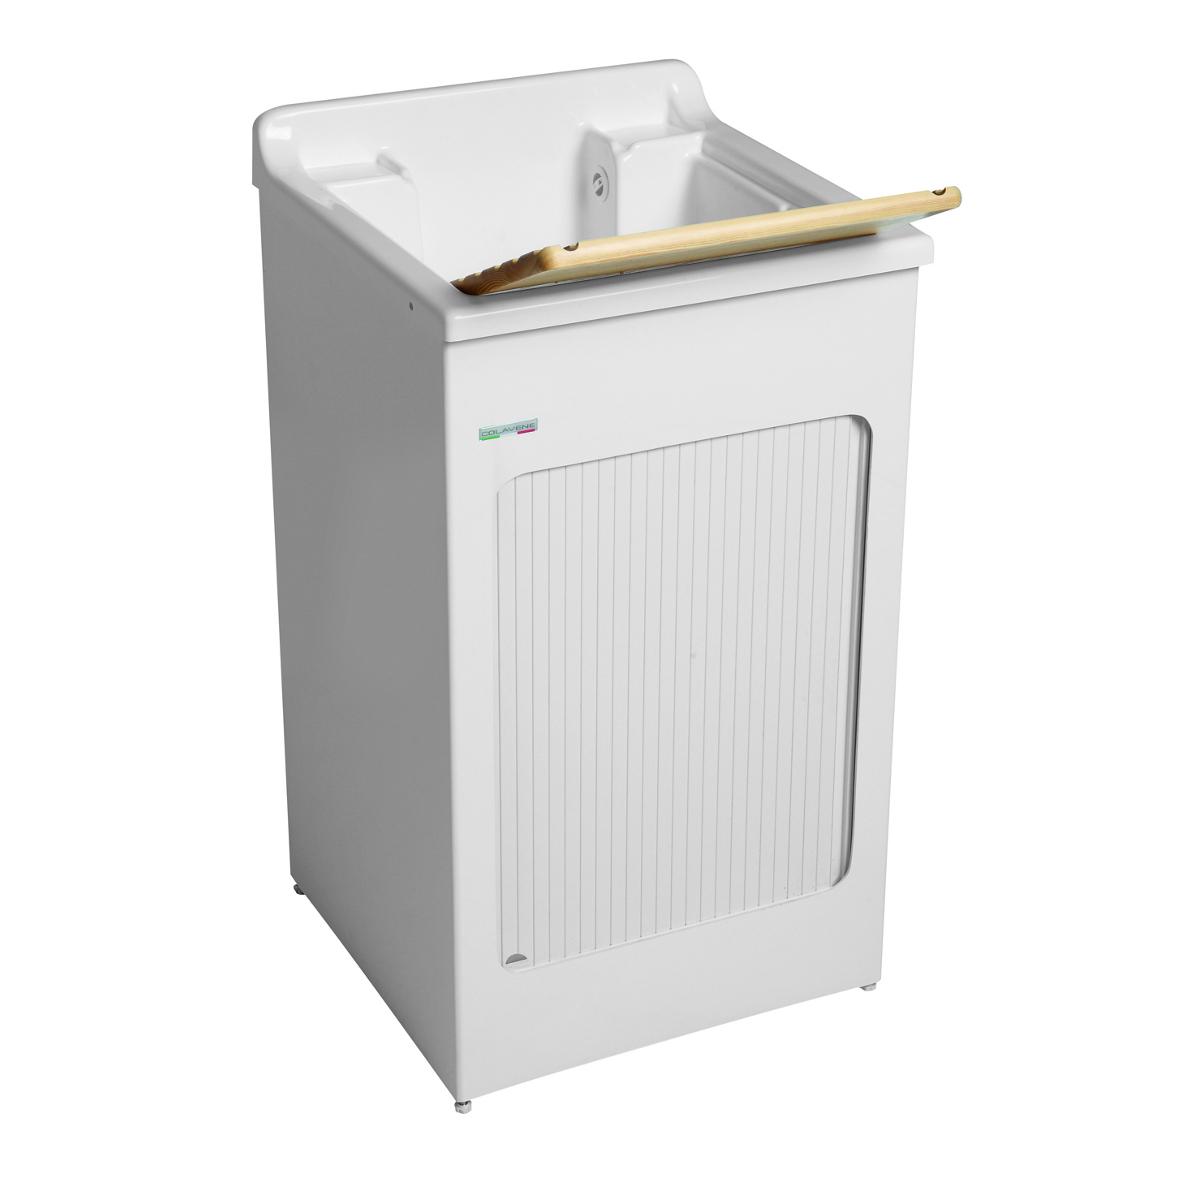 Lavatoio da esterno con mobile 60x50x87 lavacril for Coprilavatrice da esterno